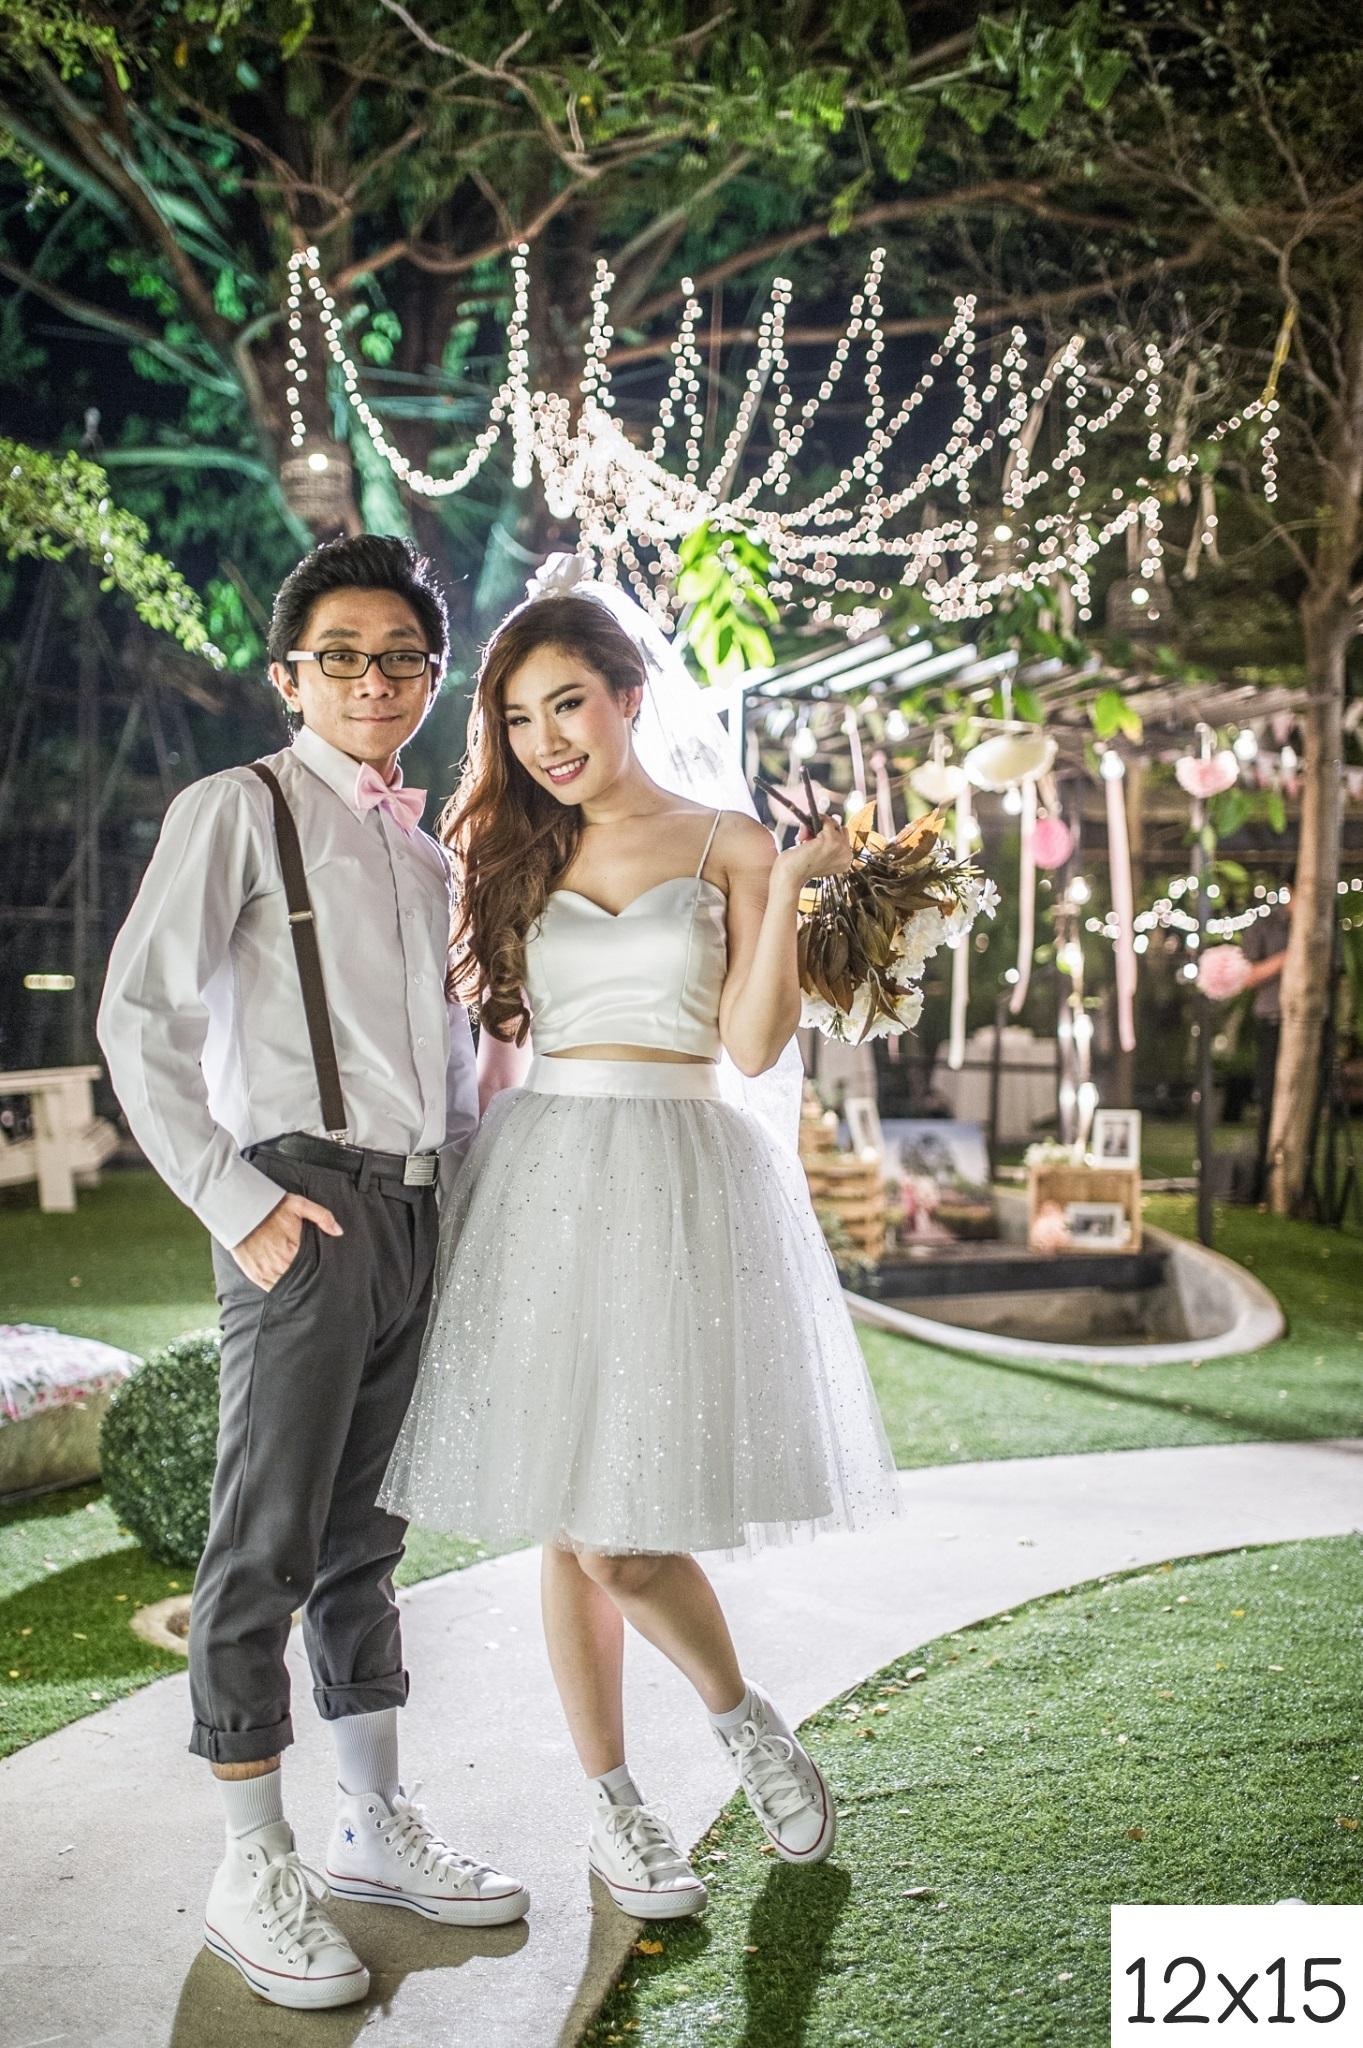 รูปแต่งงาน อัดรูปออนไลน์ ล้างรูปราคาถูก ขนาดอัดรูป 12x15